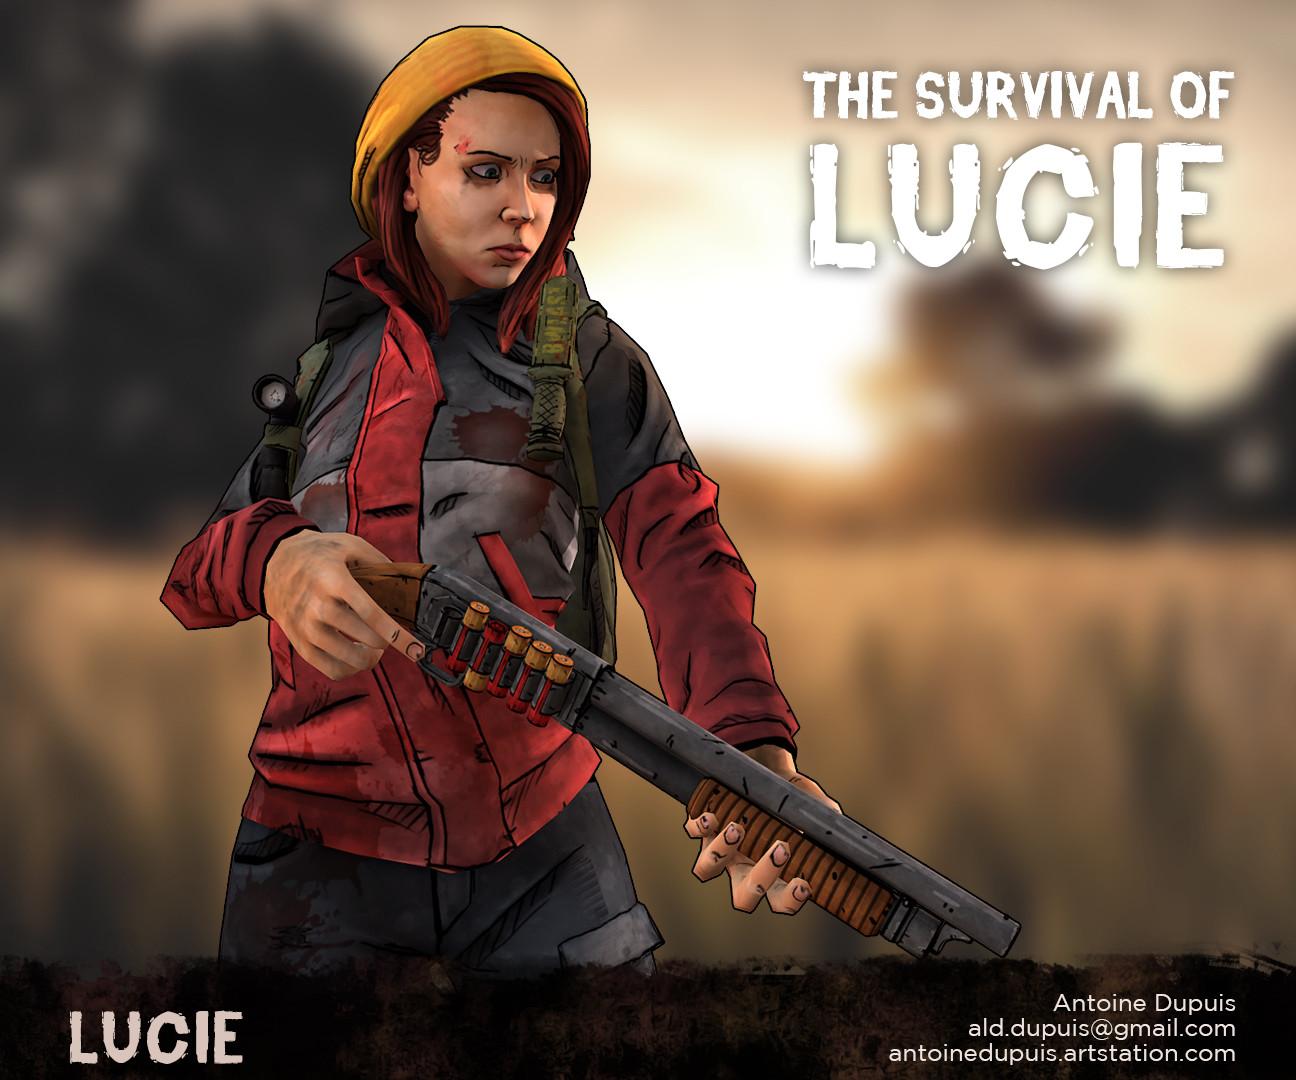 Antoine dupuis survivaloflucie 08